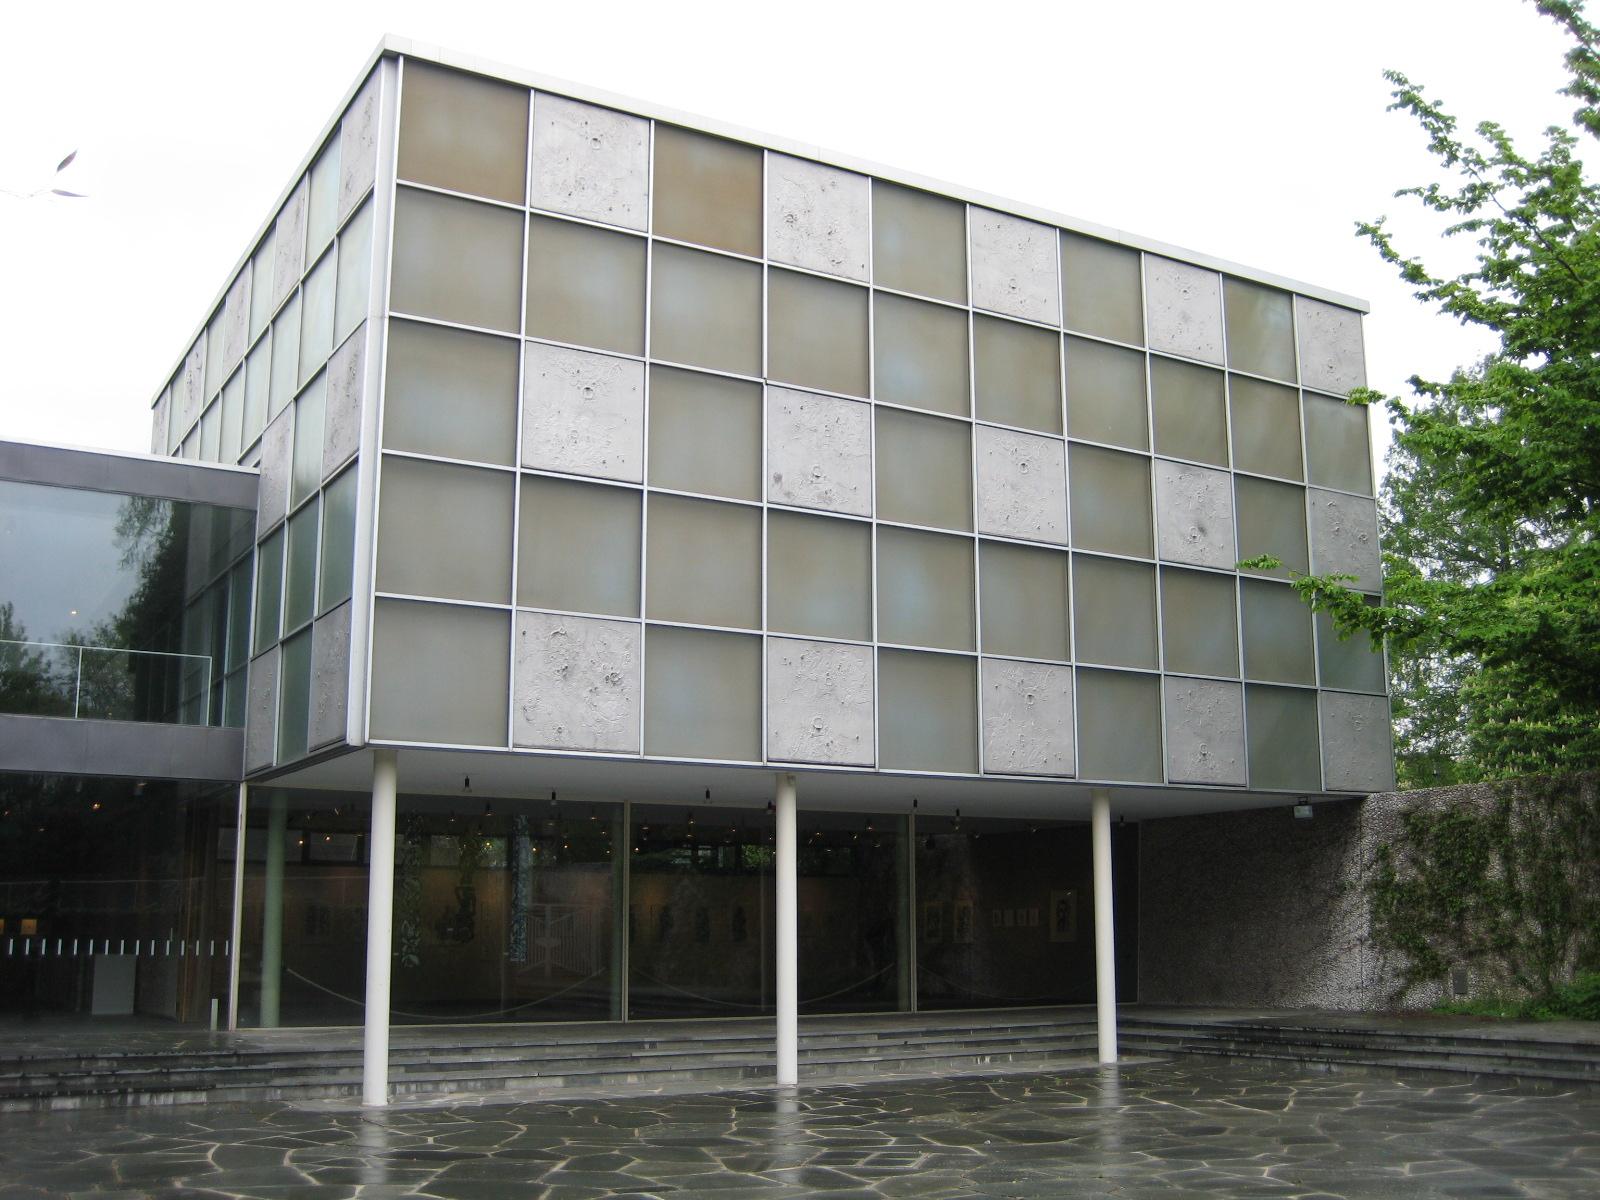 Schmuckmuseum Pforzheim, 2 mei 2010. Foto met dank aan Coert Peter Krabbe©